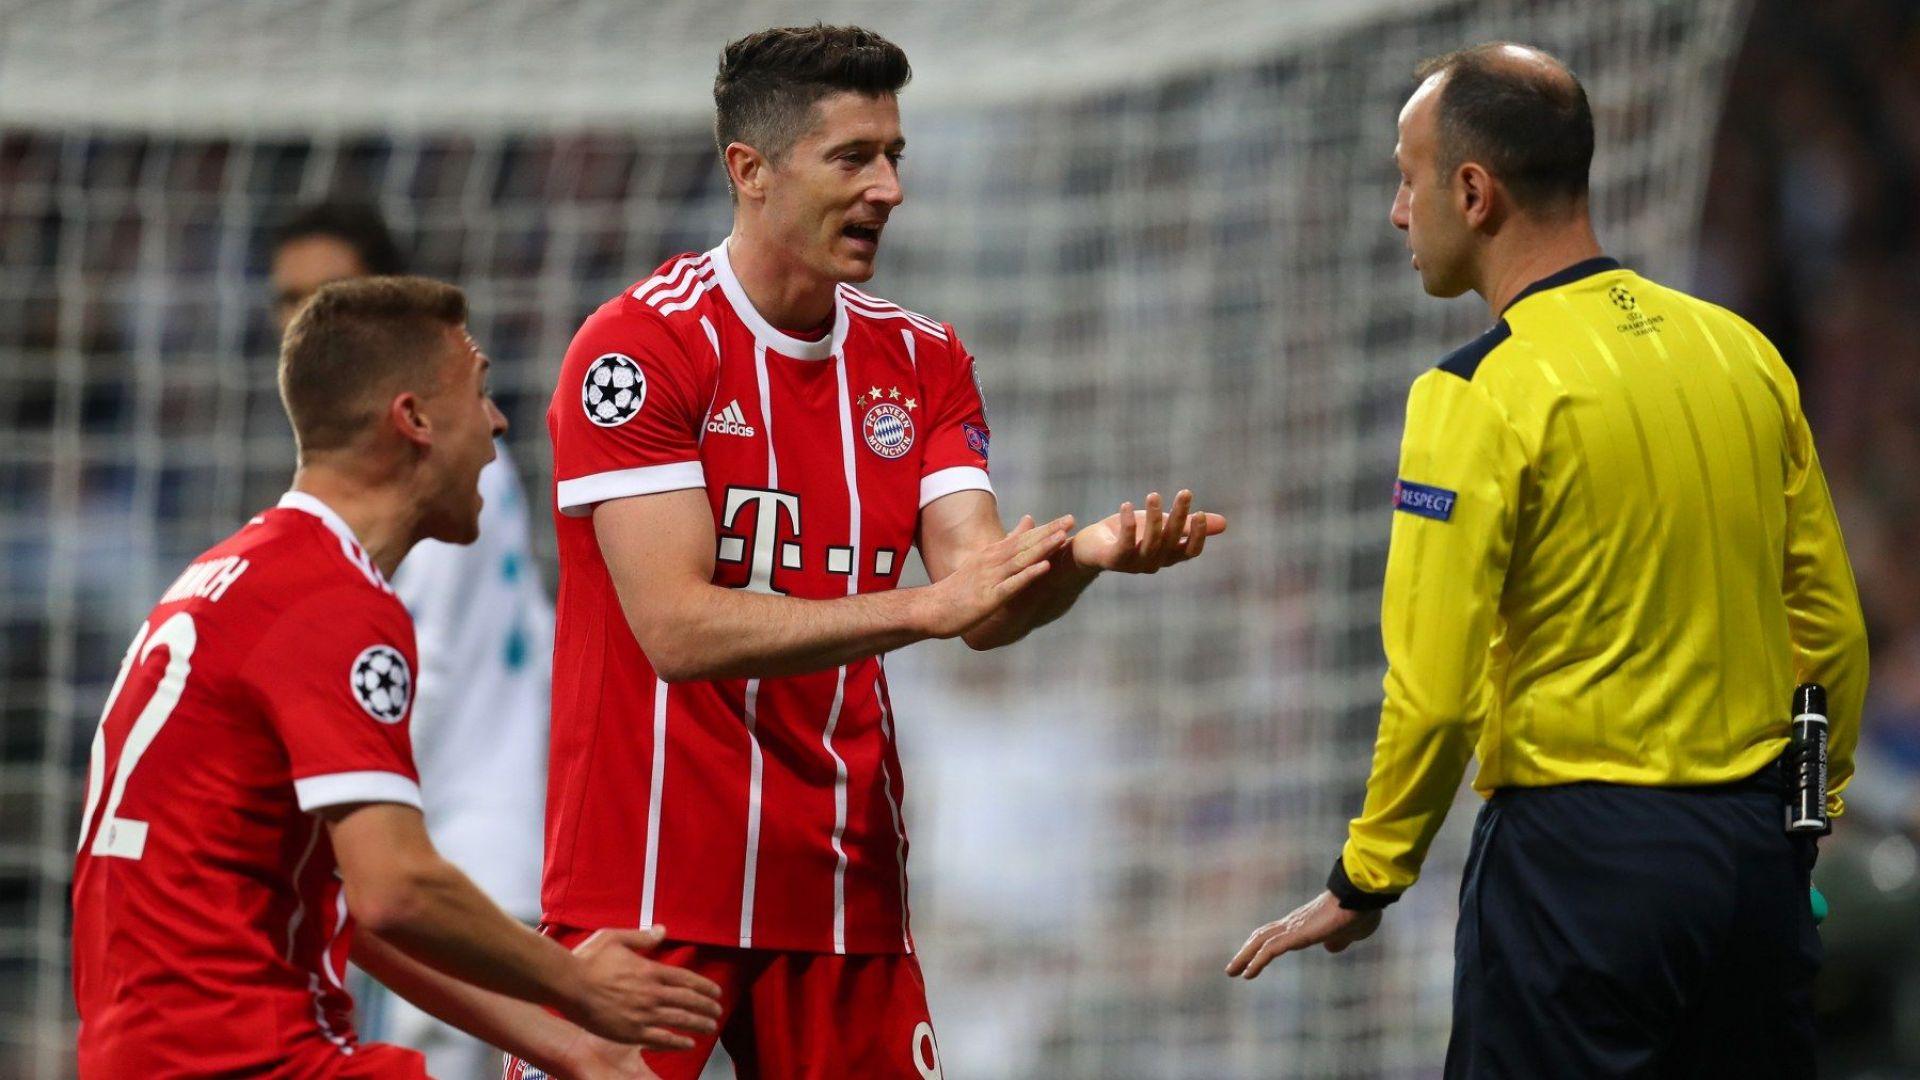 Мюнхен: Една дузпа, две дузпи...Кога ще се свири нещо срещу Мадрид?